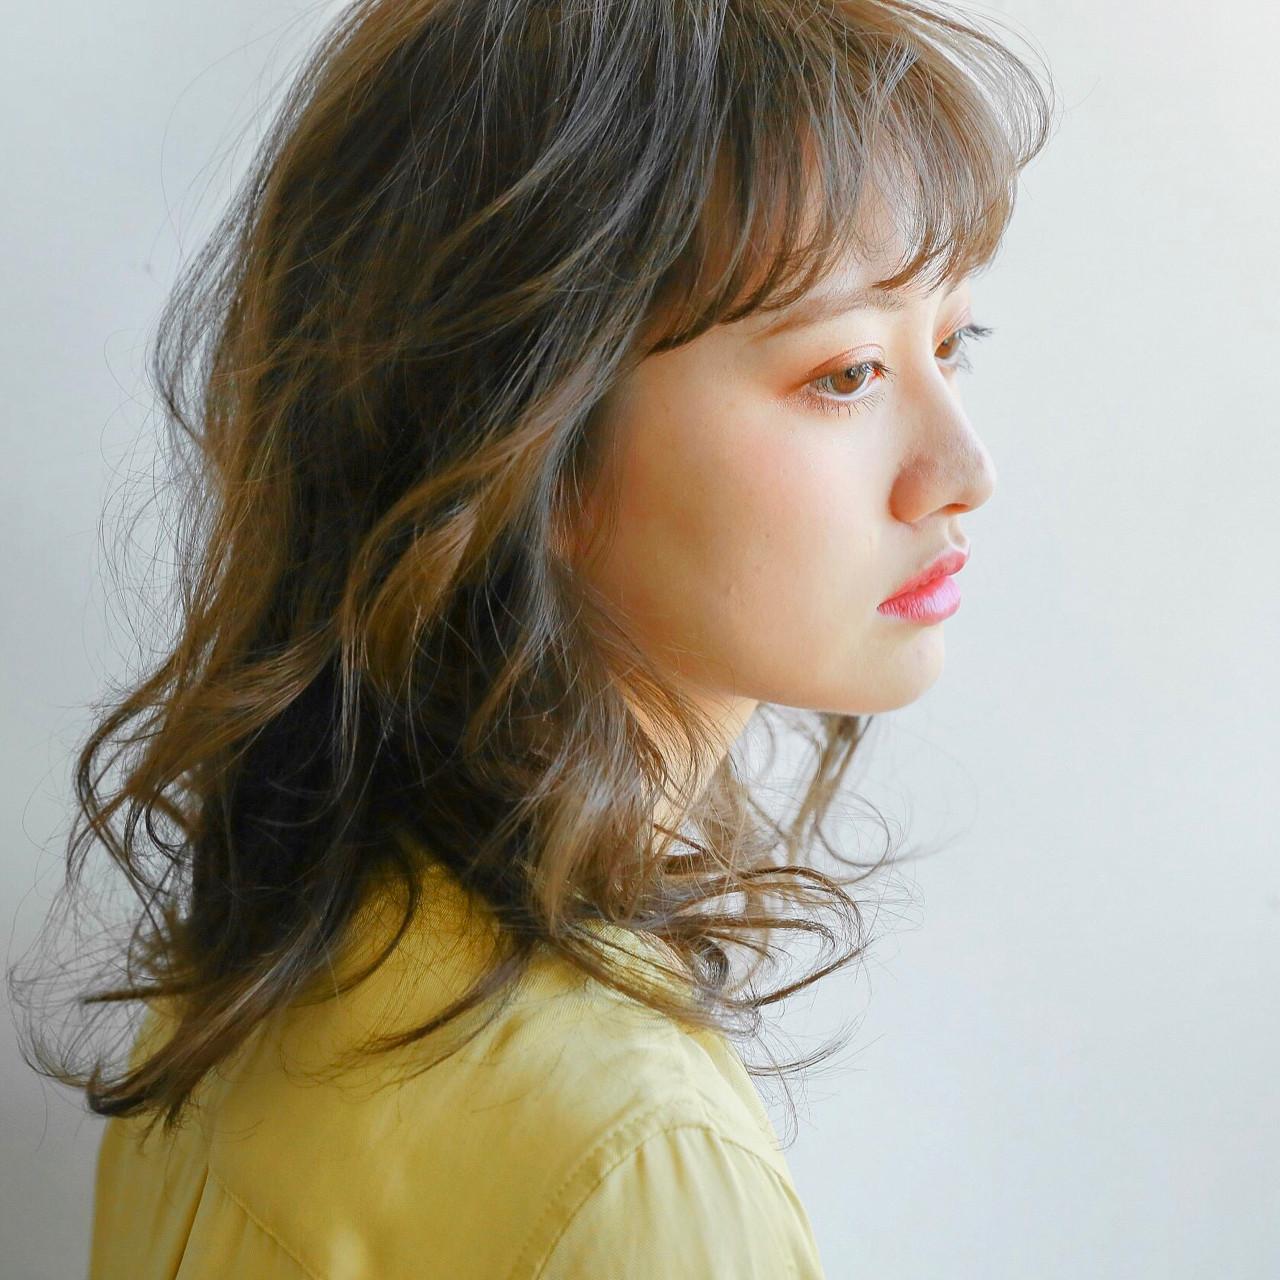 セミロング 前髪あり アッシュ パーマ ヘアスタイルや髪型の写真・画像 | 藤山将太 / ROSTAR